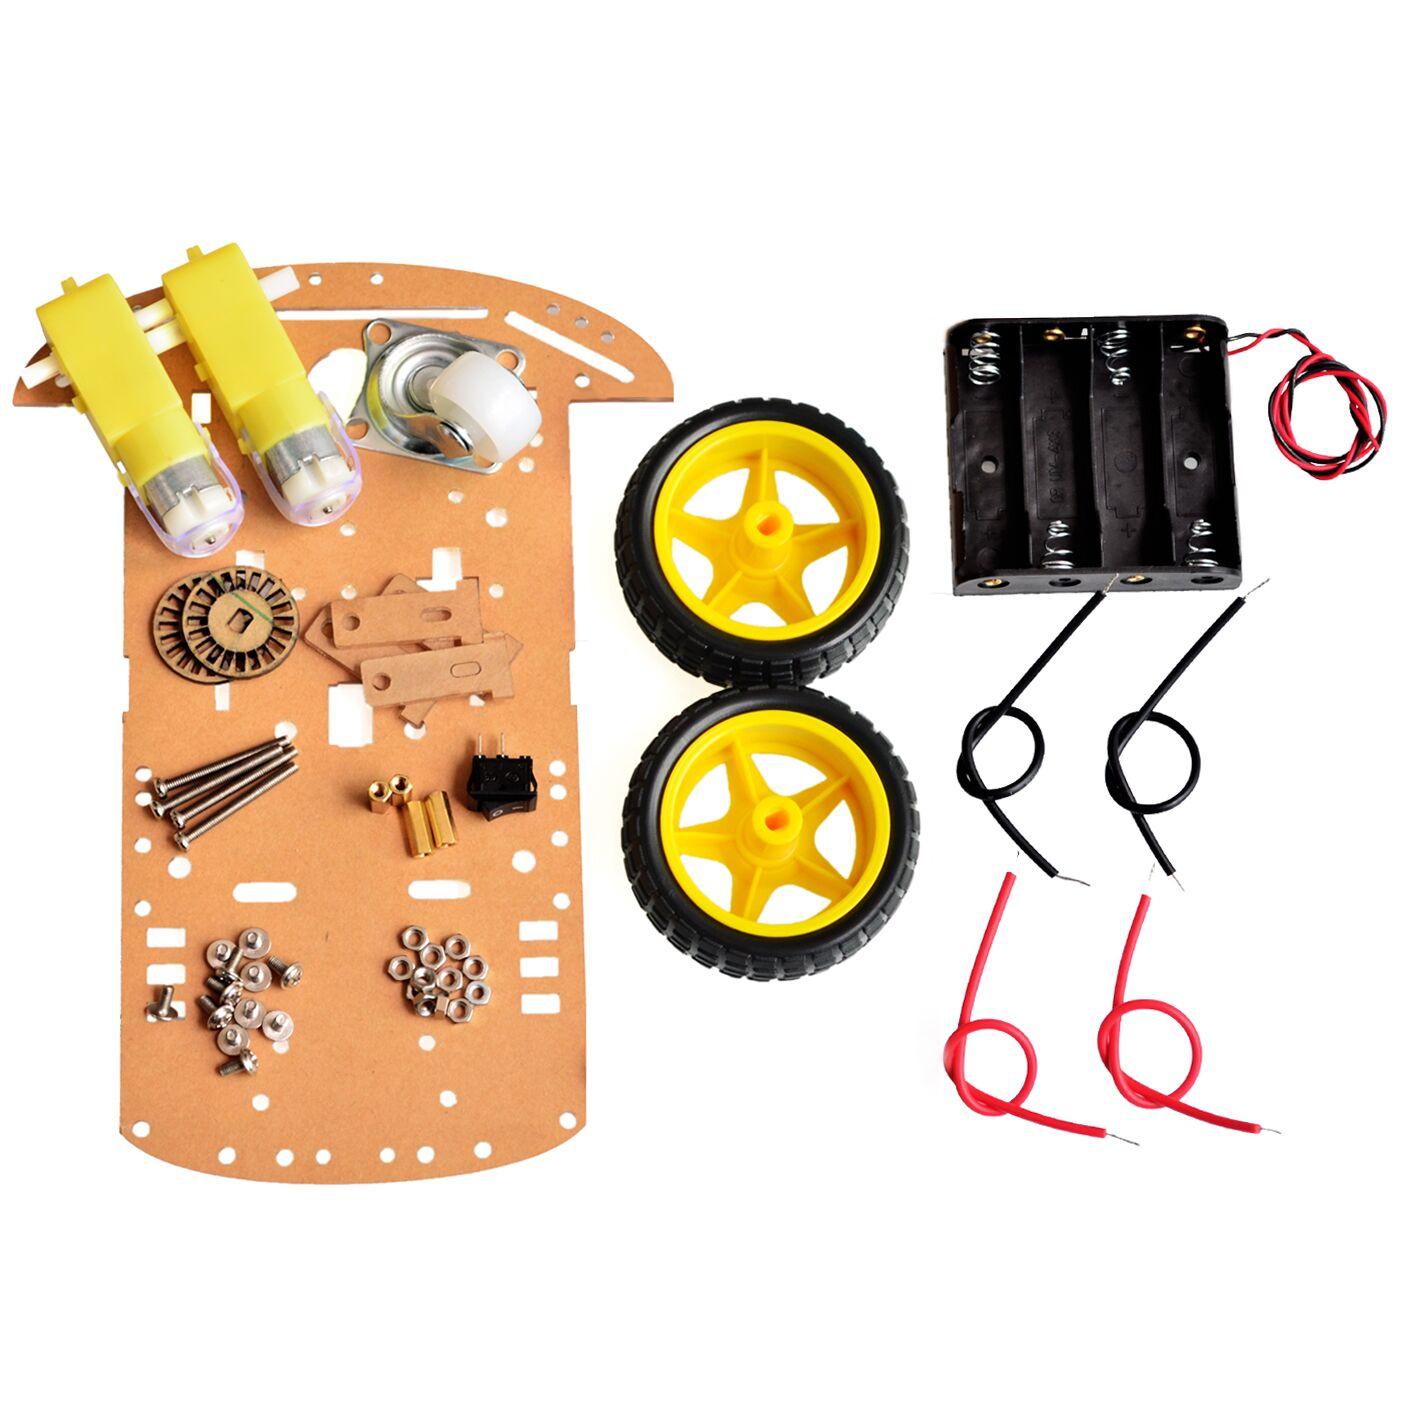 2RM À Moteur Intelligent Robot Châssis Kit de Voiture Speed Encoder Battery Box Pour